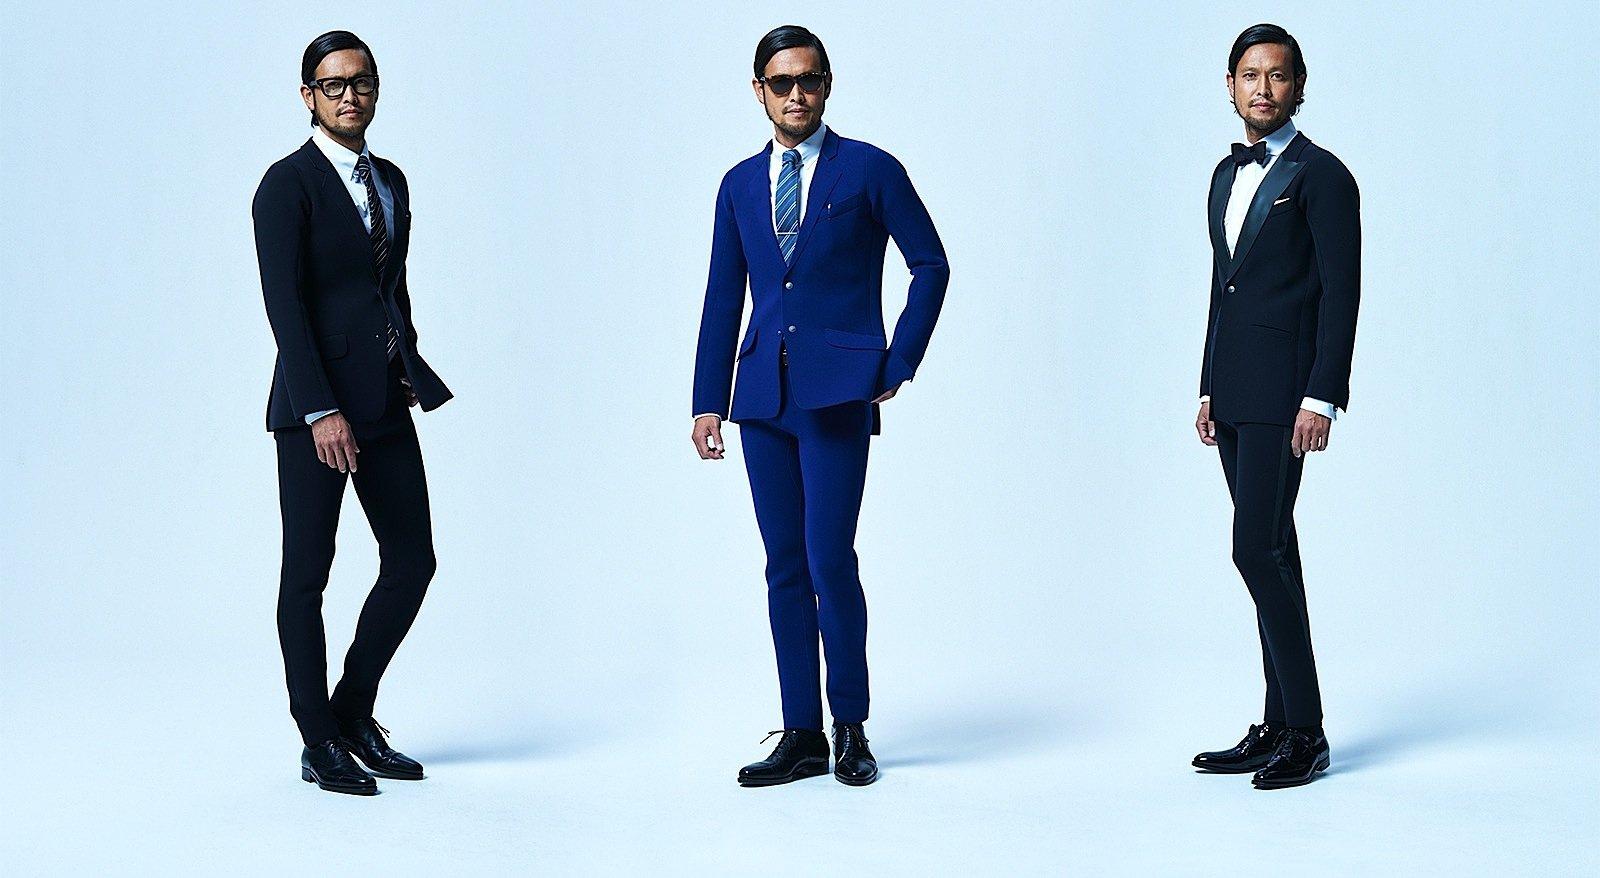 """Den Neopren-Anzug gibt es in drei Designs: Links und in der Mitte dasModell """"Business & Surfing"""", rechts""""Party & Surfing""""."""